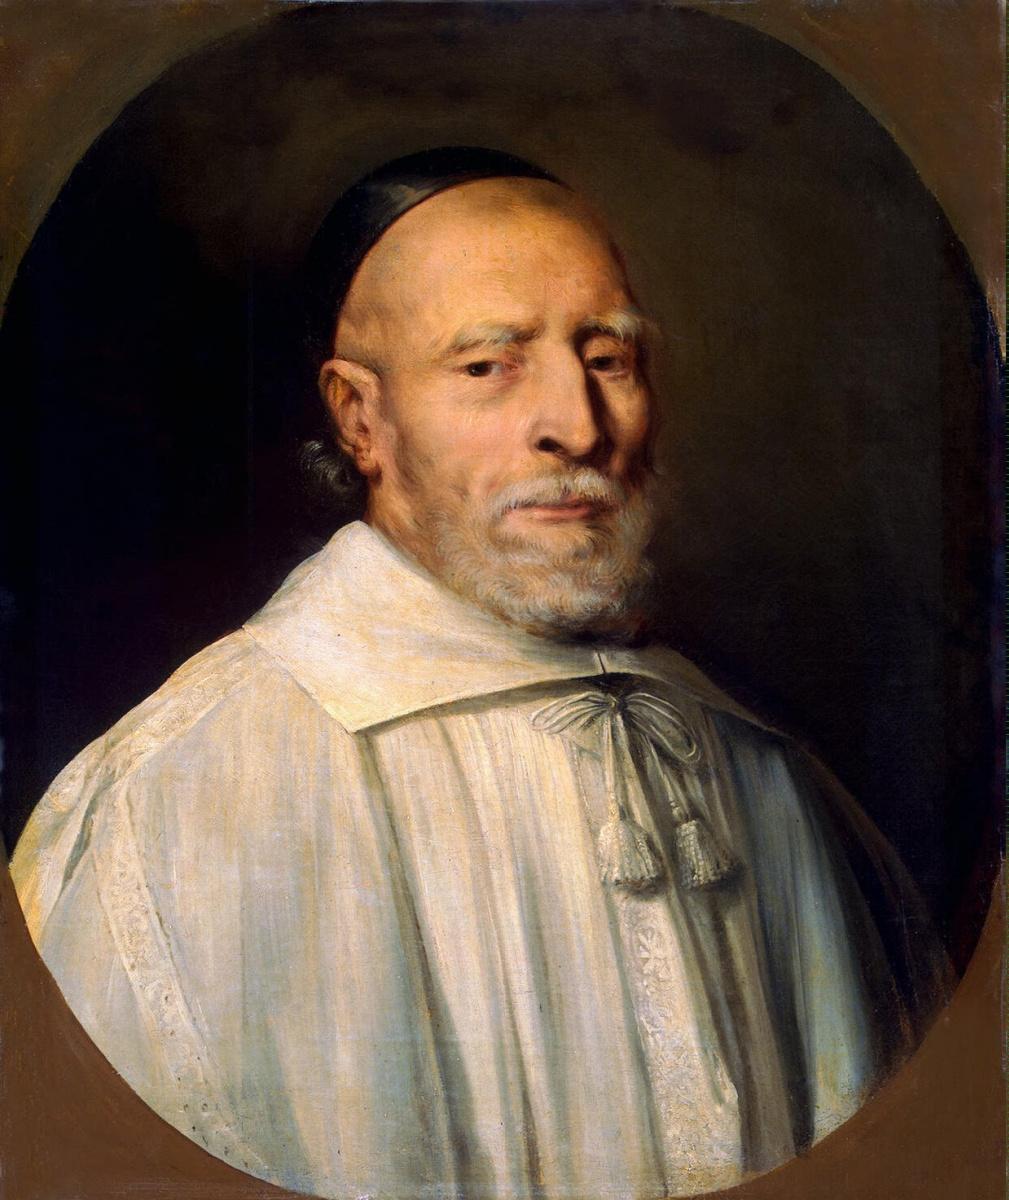 Филипп де Шампень. Портрет духовного лица